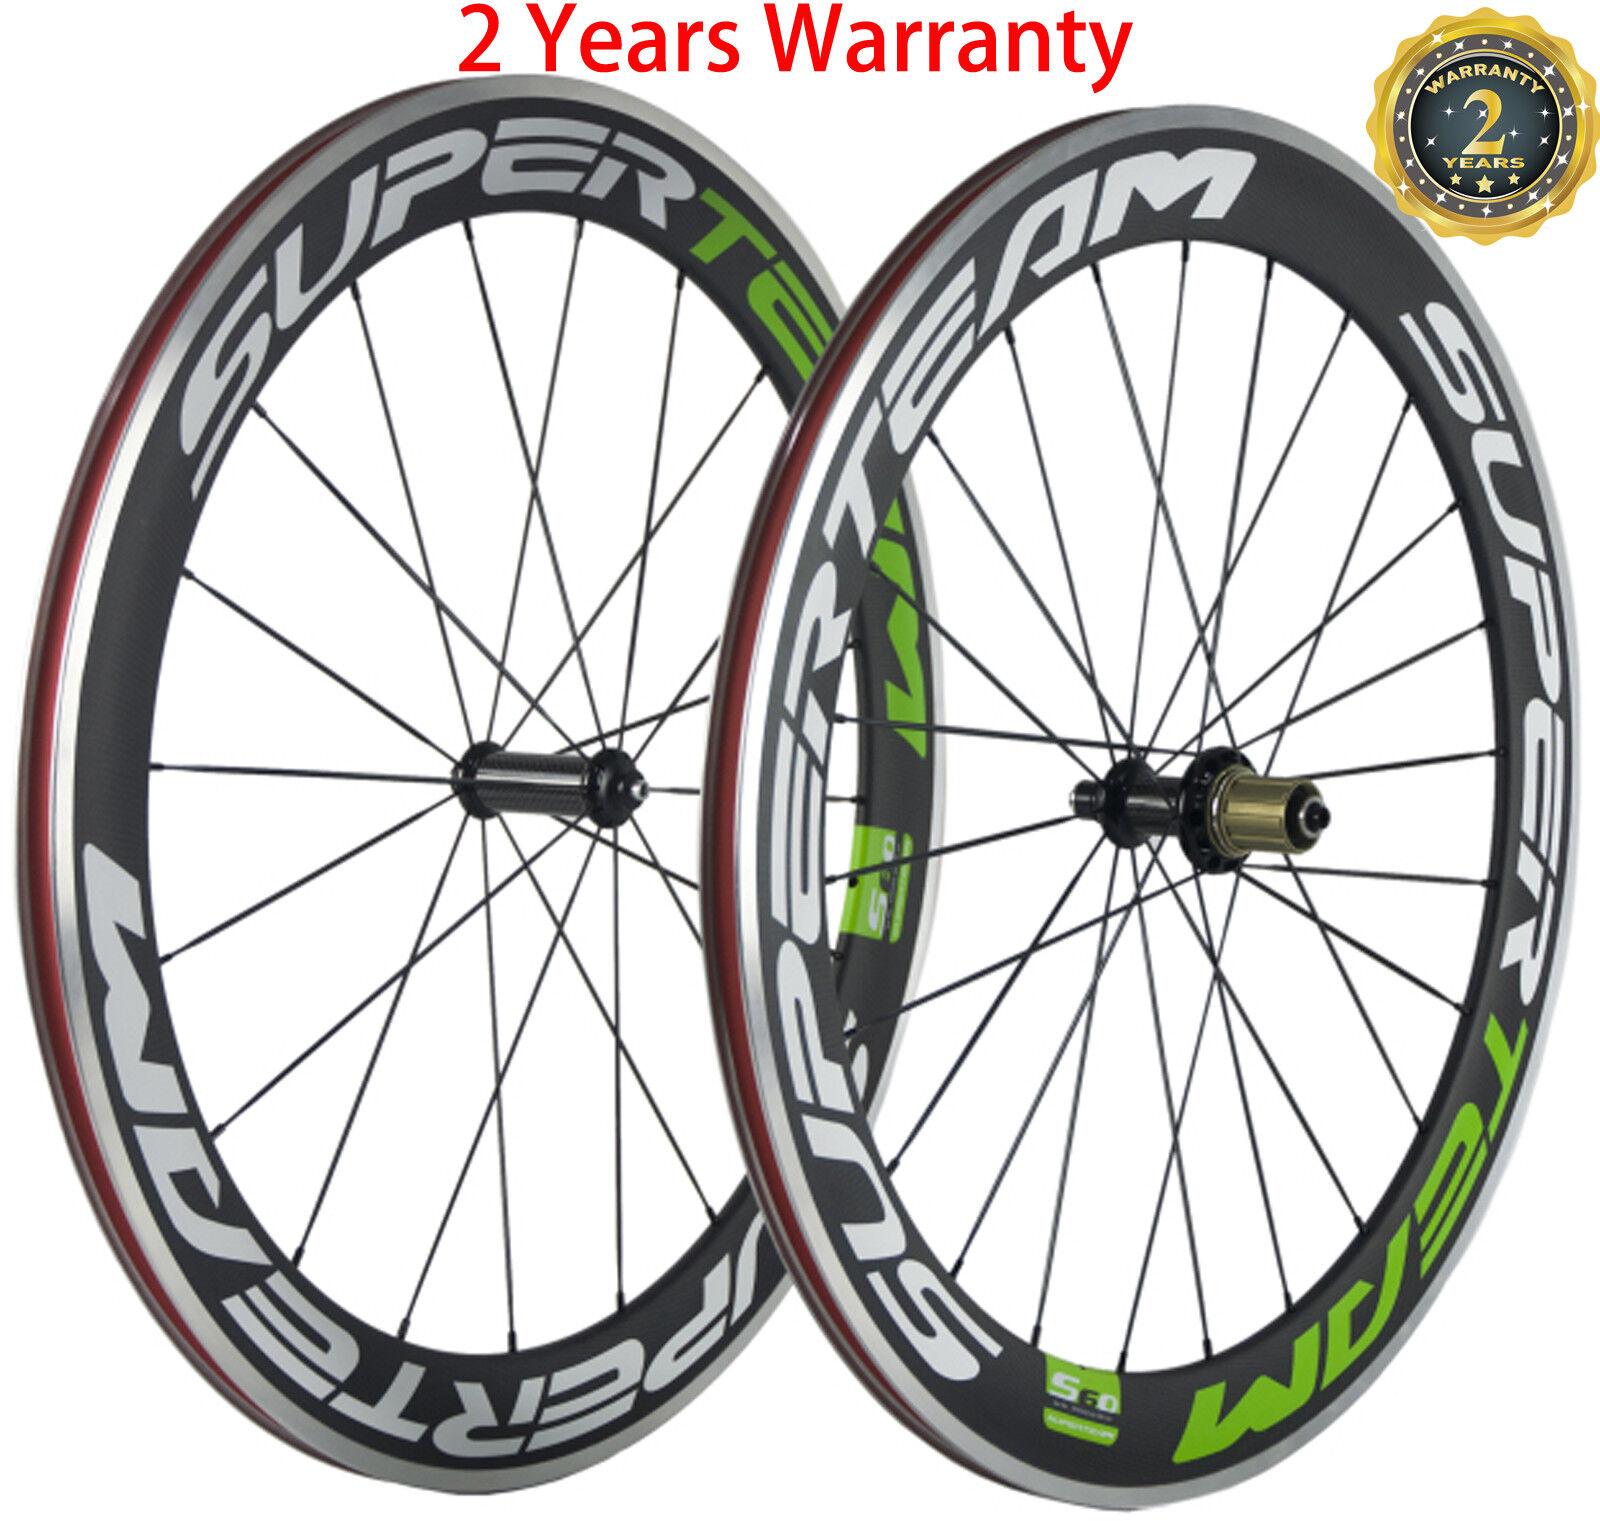 Superteam 60mm Clincher  Road Bike Wheelset 700C Aluminum Bicycle Carbon Wheels  online cheap